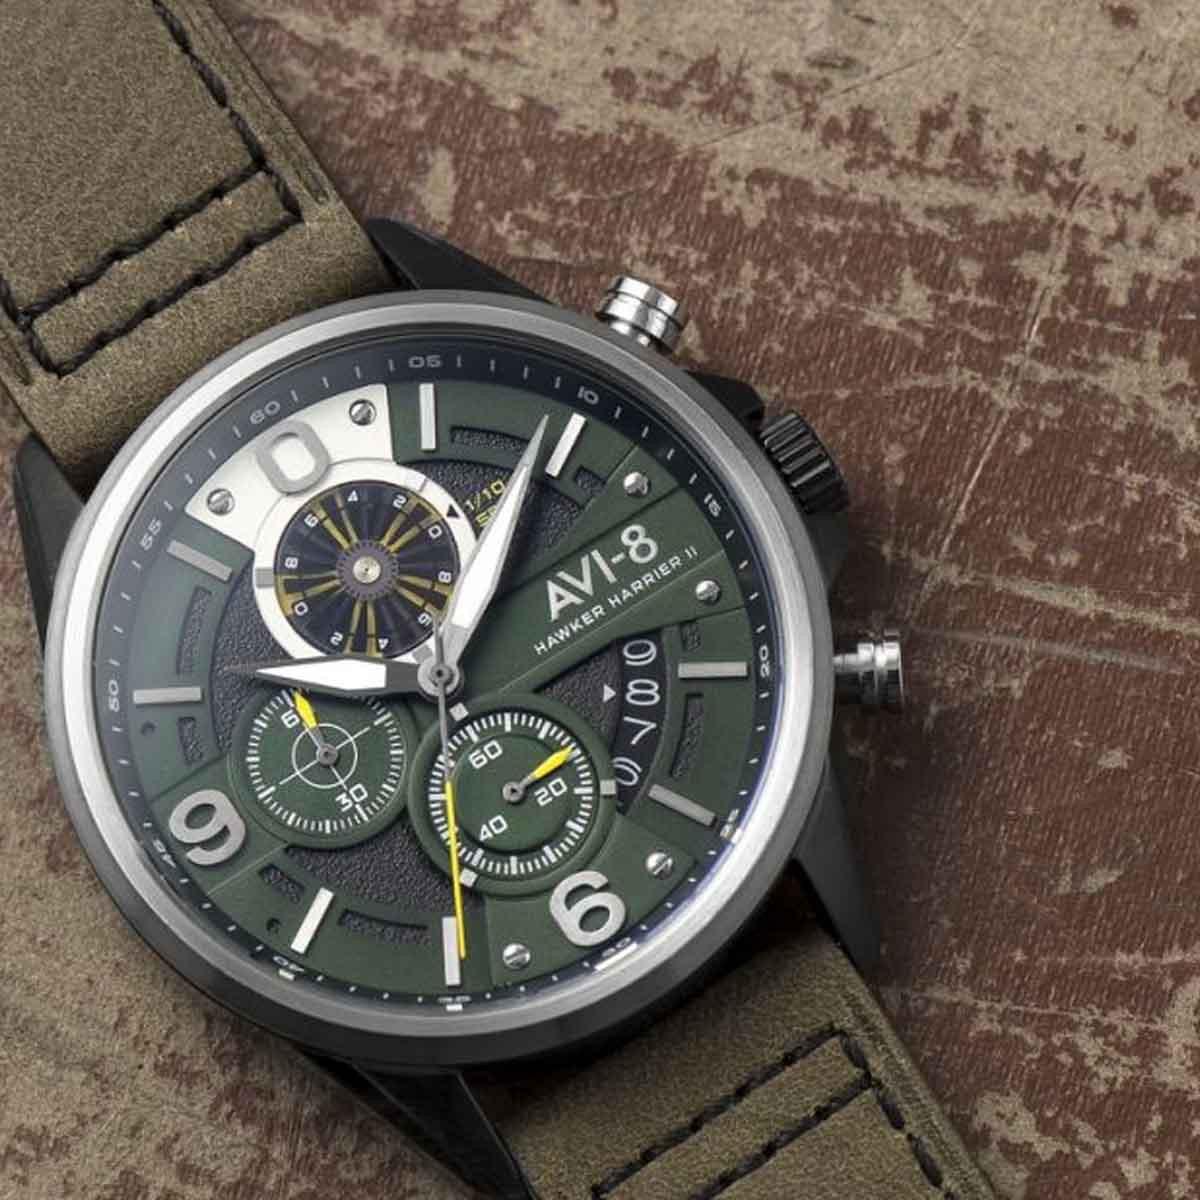 Montre AVI-8 HAWKER HARRIER II Quartz Chronograph - AV-4051-02